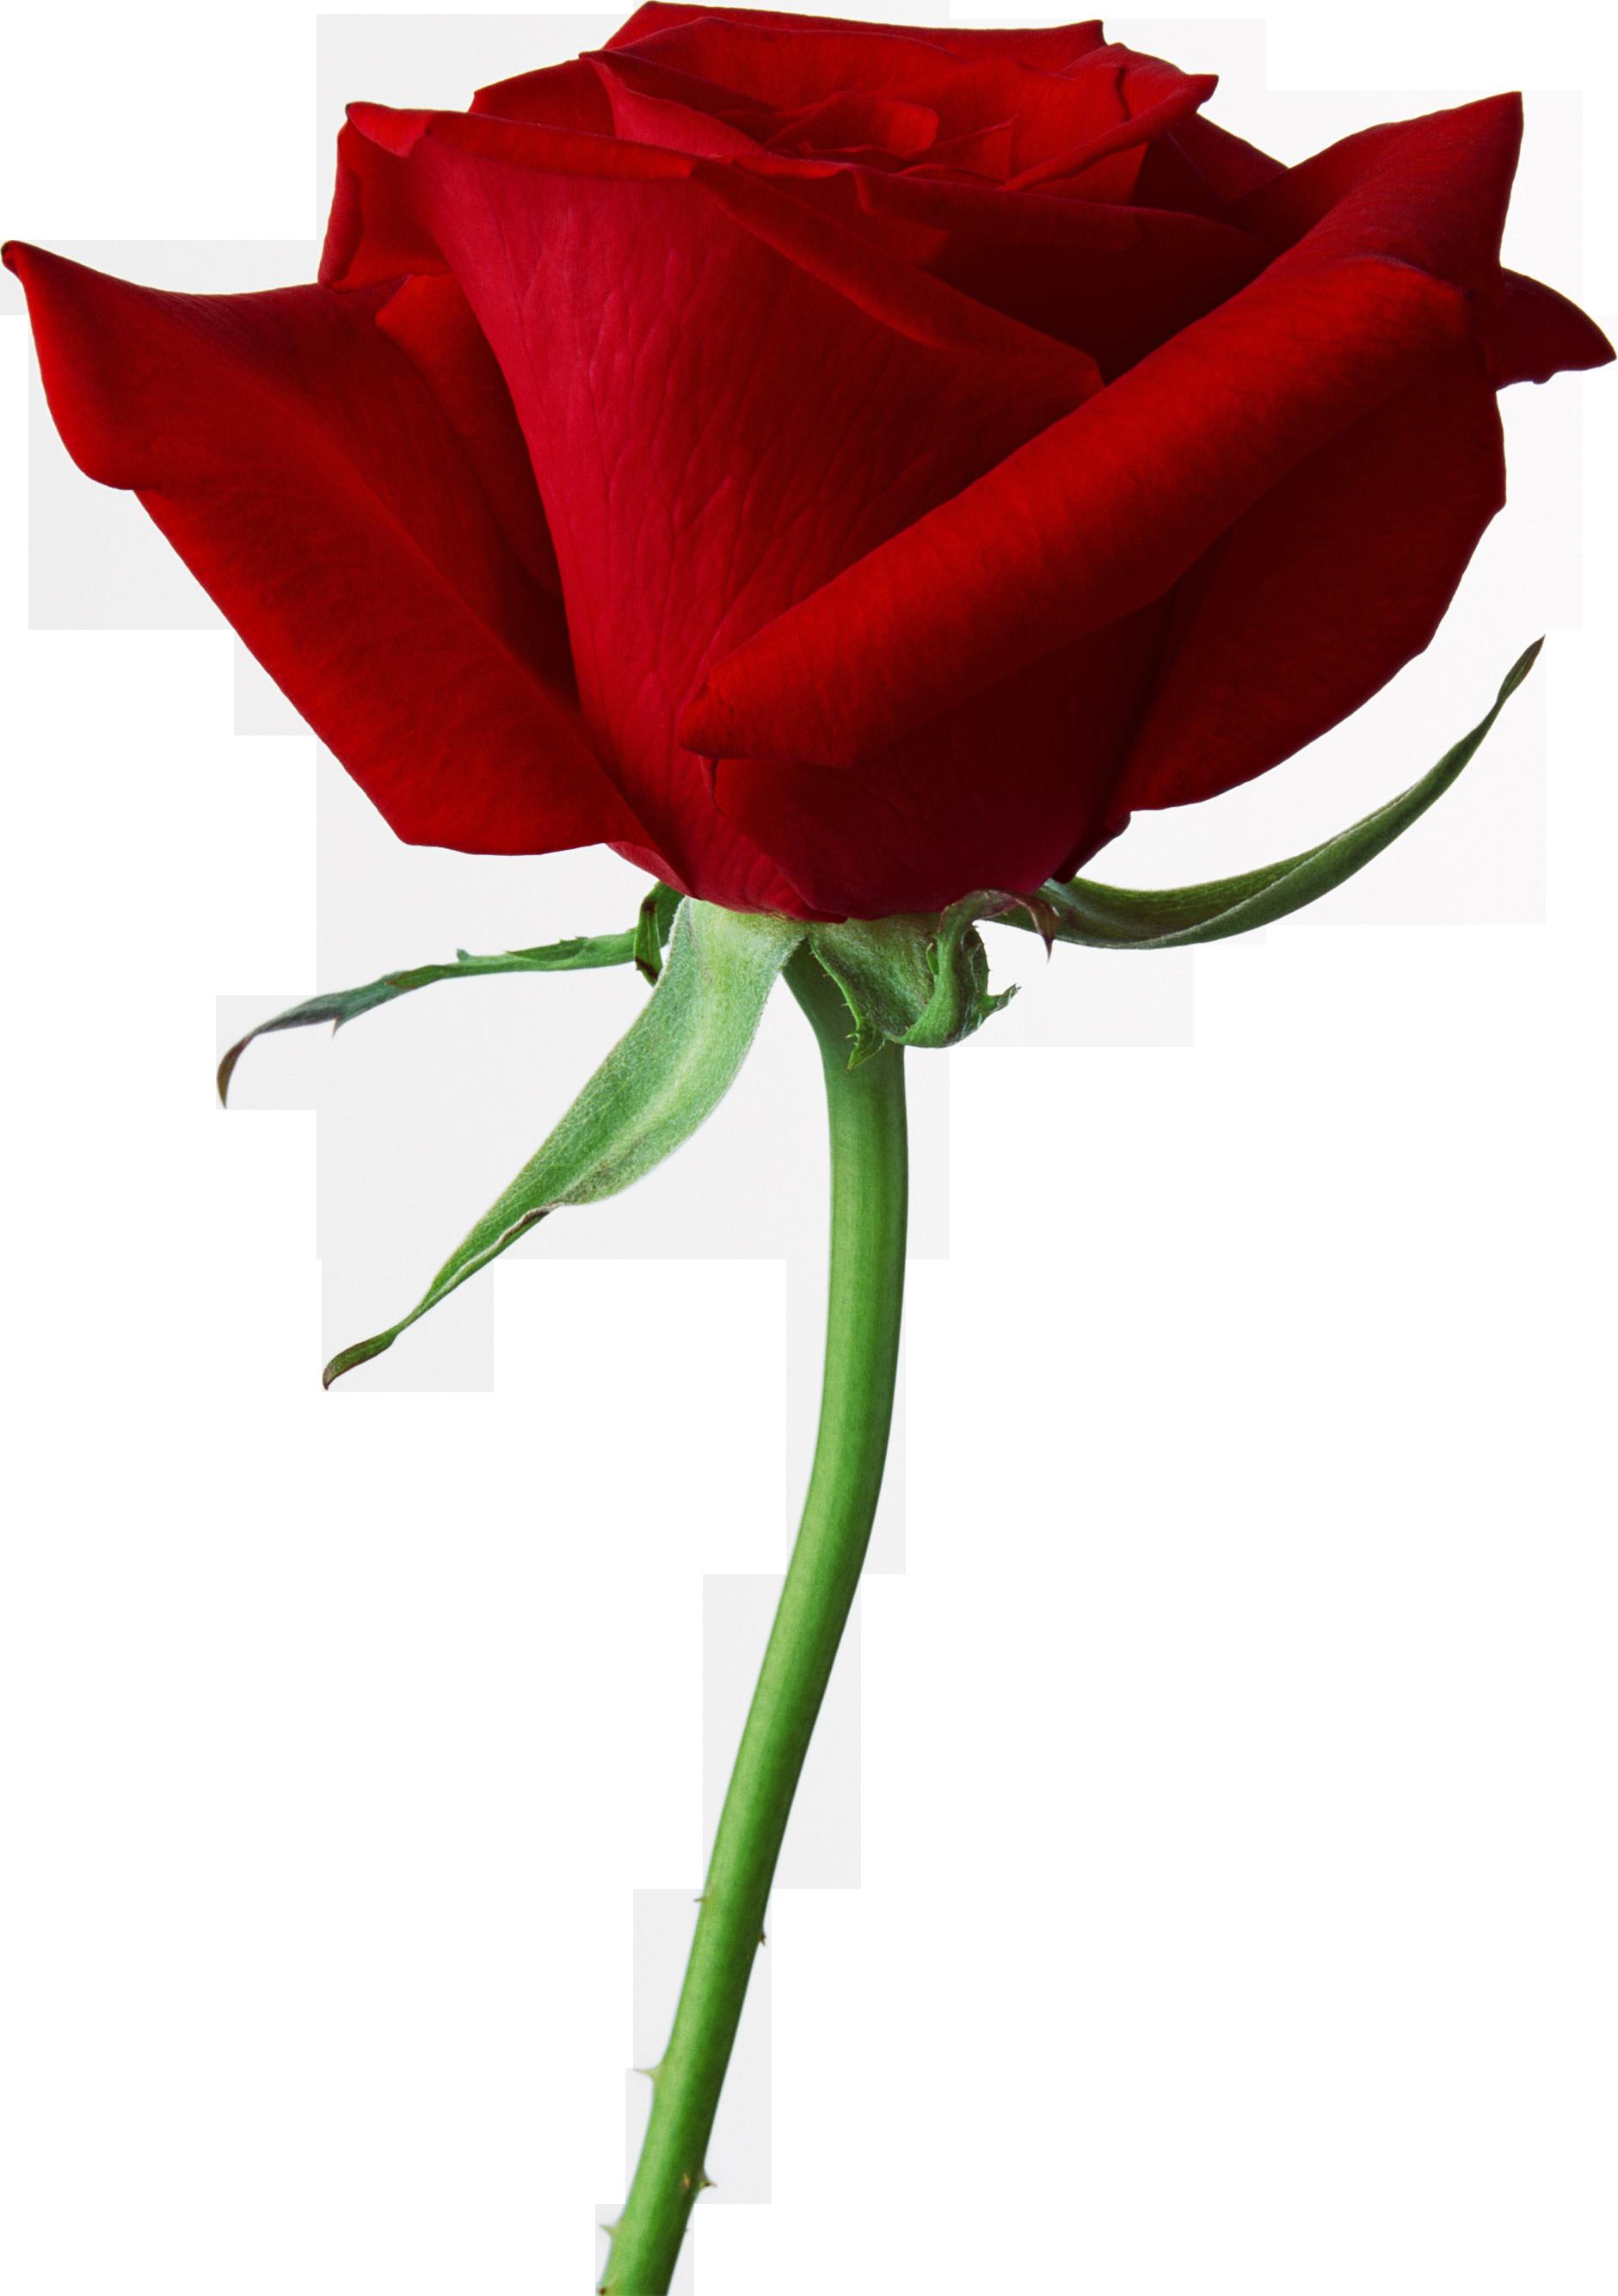 Rose PNG - 12783